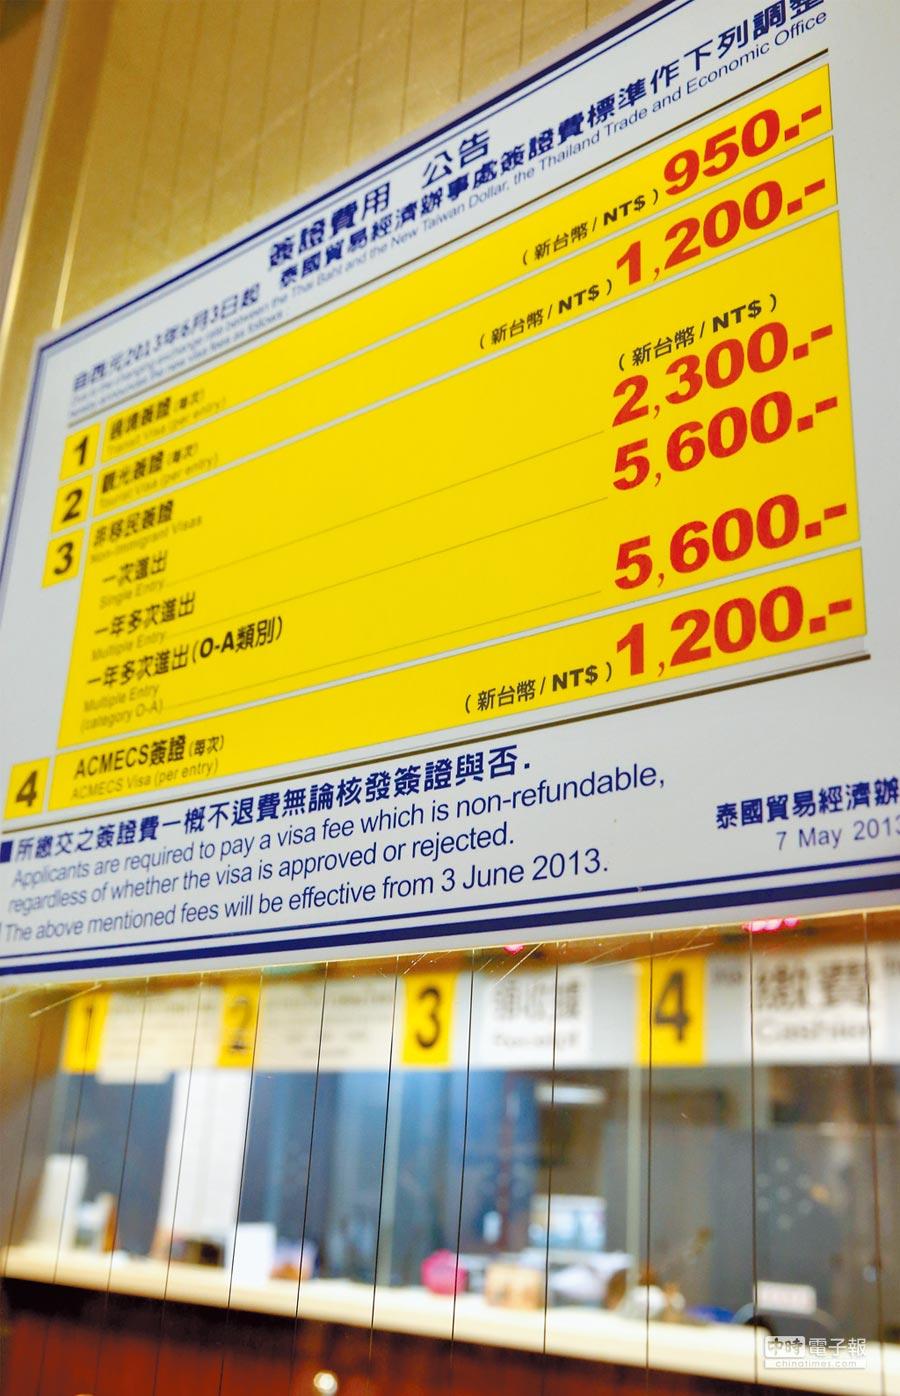 泰國經濟辦事處每天提供數量有限的民眾可以親辦簽證,多數民眾須透過旅行社代辦。圖為泰國簽證辦理處。 (王英豪攝)